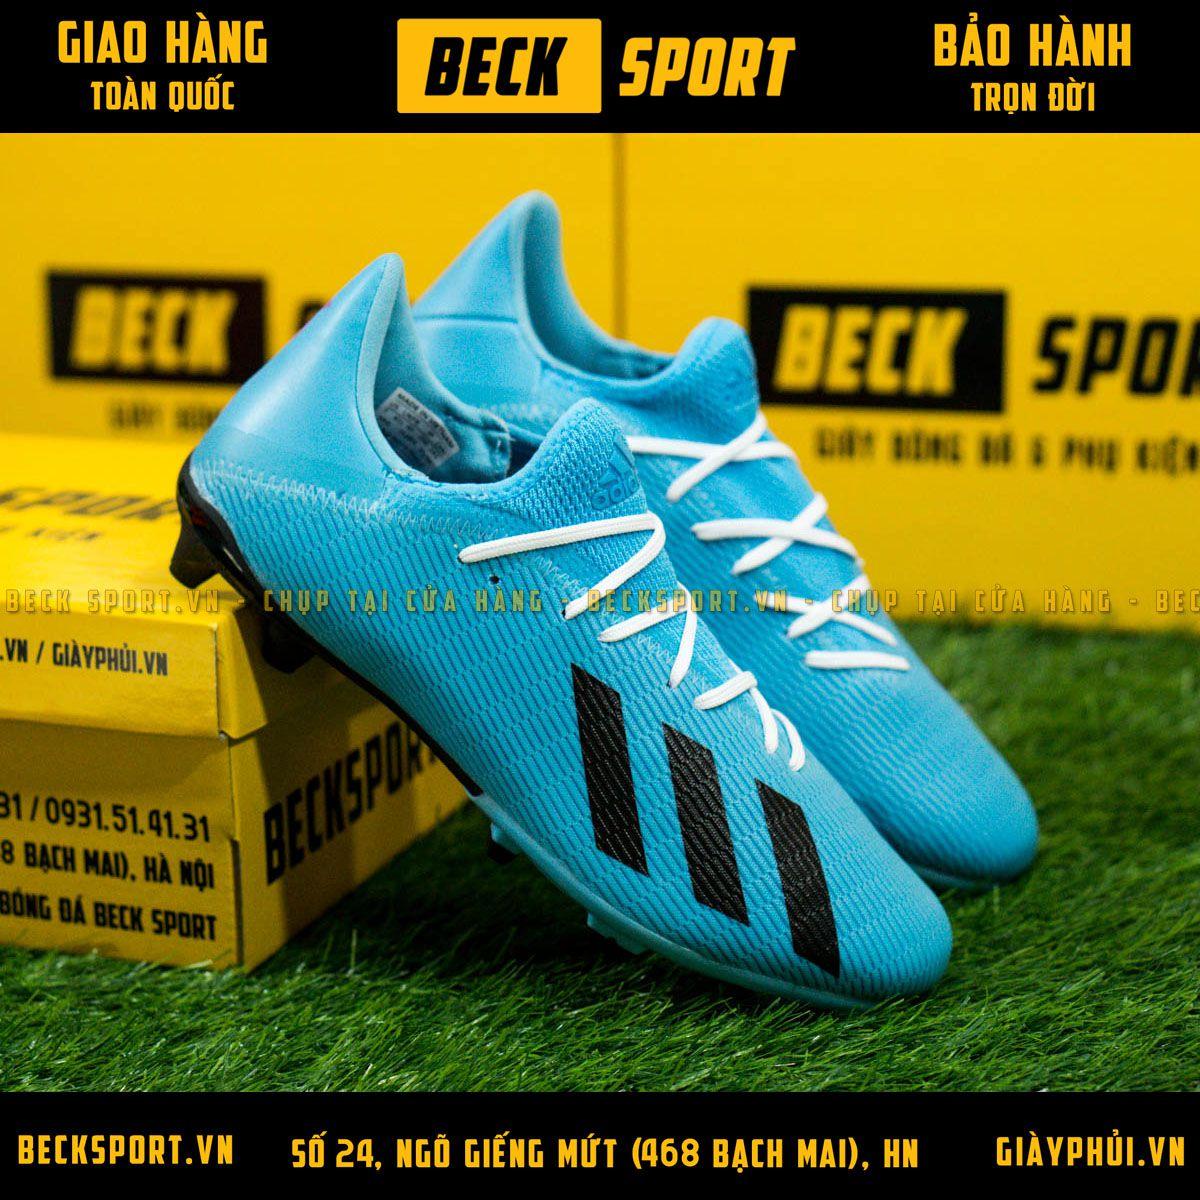 Giày Bóng Đá Adidas X 19.3 Xanh Biển Vạch Đen FG